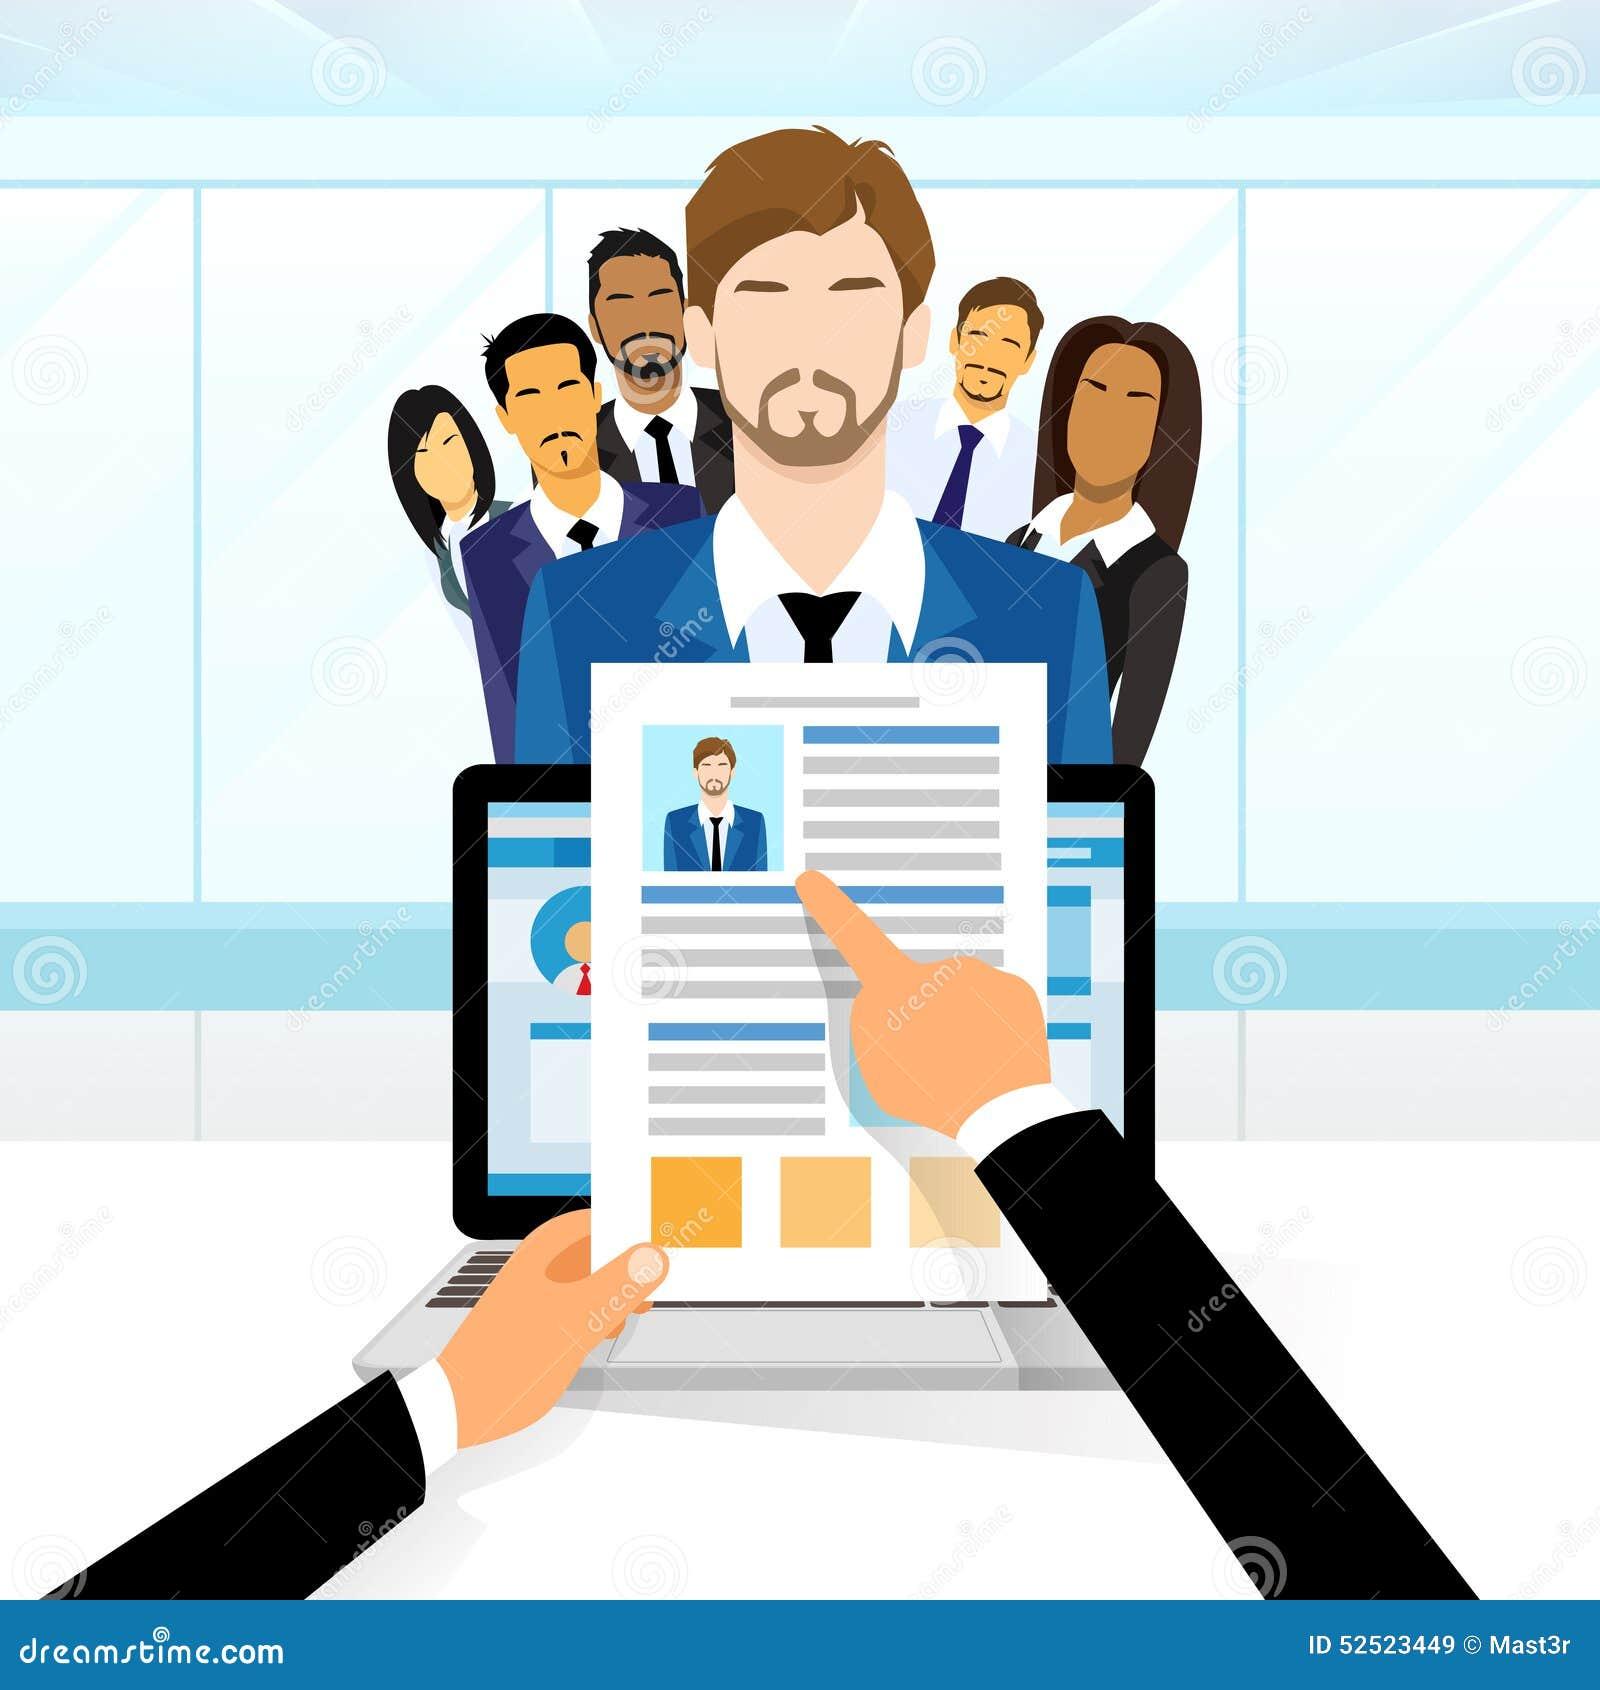 Curriculum Vitae Recruitment Candidate Job Stock Vector